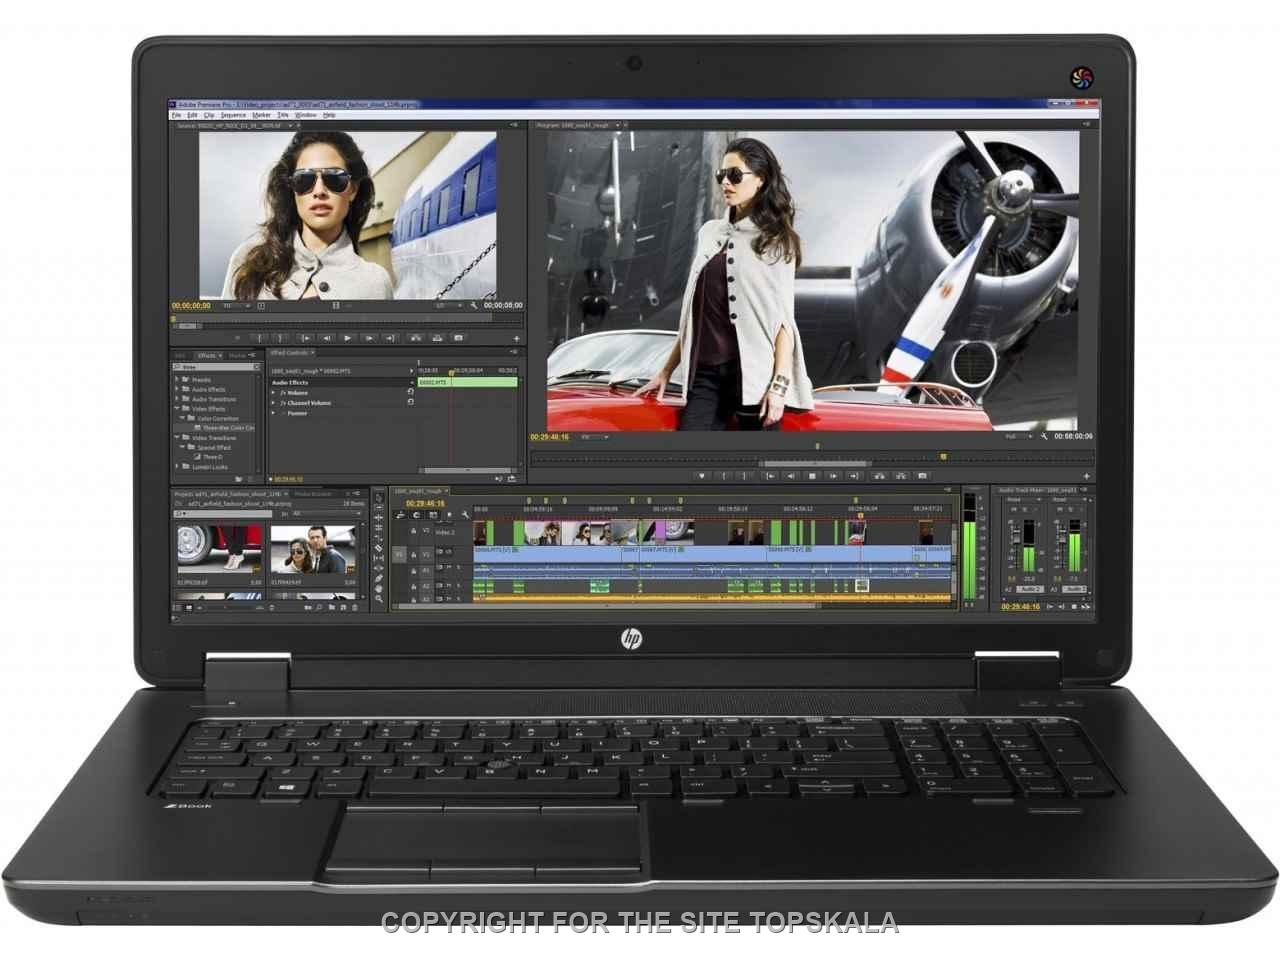 اچ پی / لپ تاپ استوک اچ پی مدل HP ZBOOK 17 G2